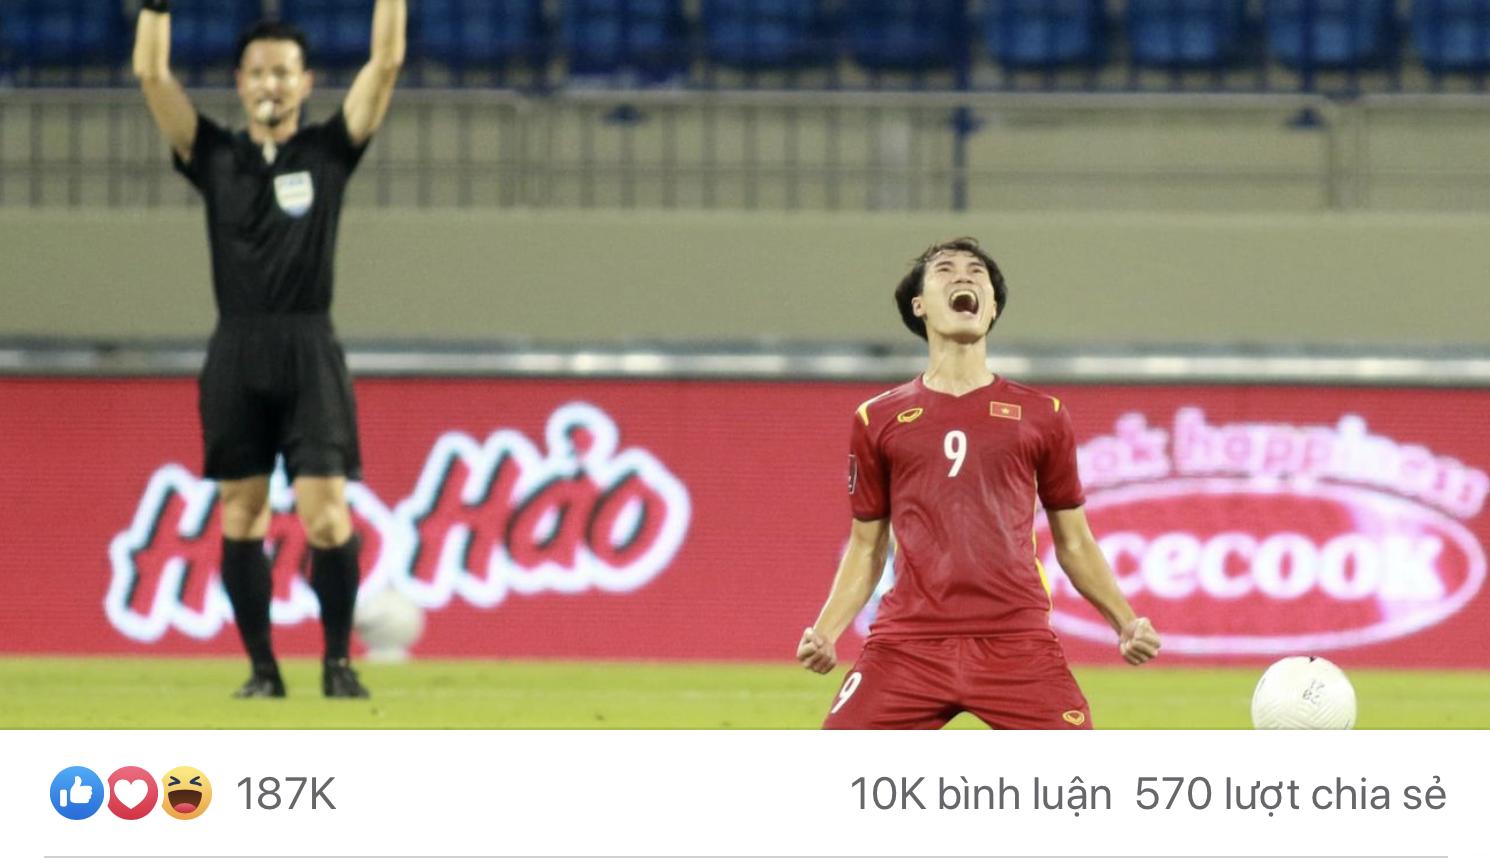 Văn Toàn không chịu đi ngủ sau trận đấu, tranh thủ đăng ảnh kiếm like. Xem ra nam cầu thủ đã rất thành công với điều này. Không biết toàn đếm nổi gần 20.000 like đang có hay không nhỉ?